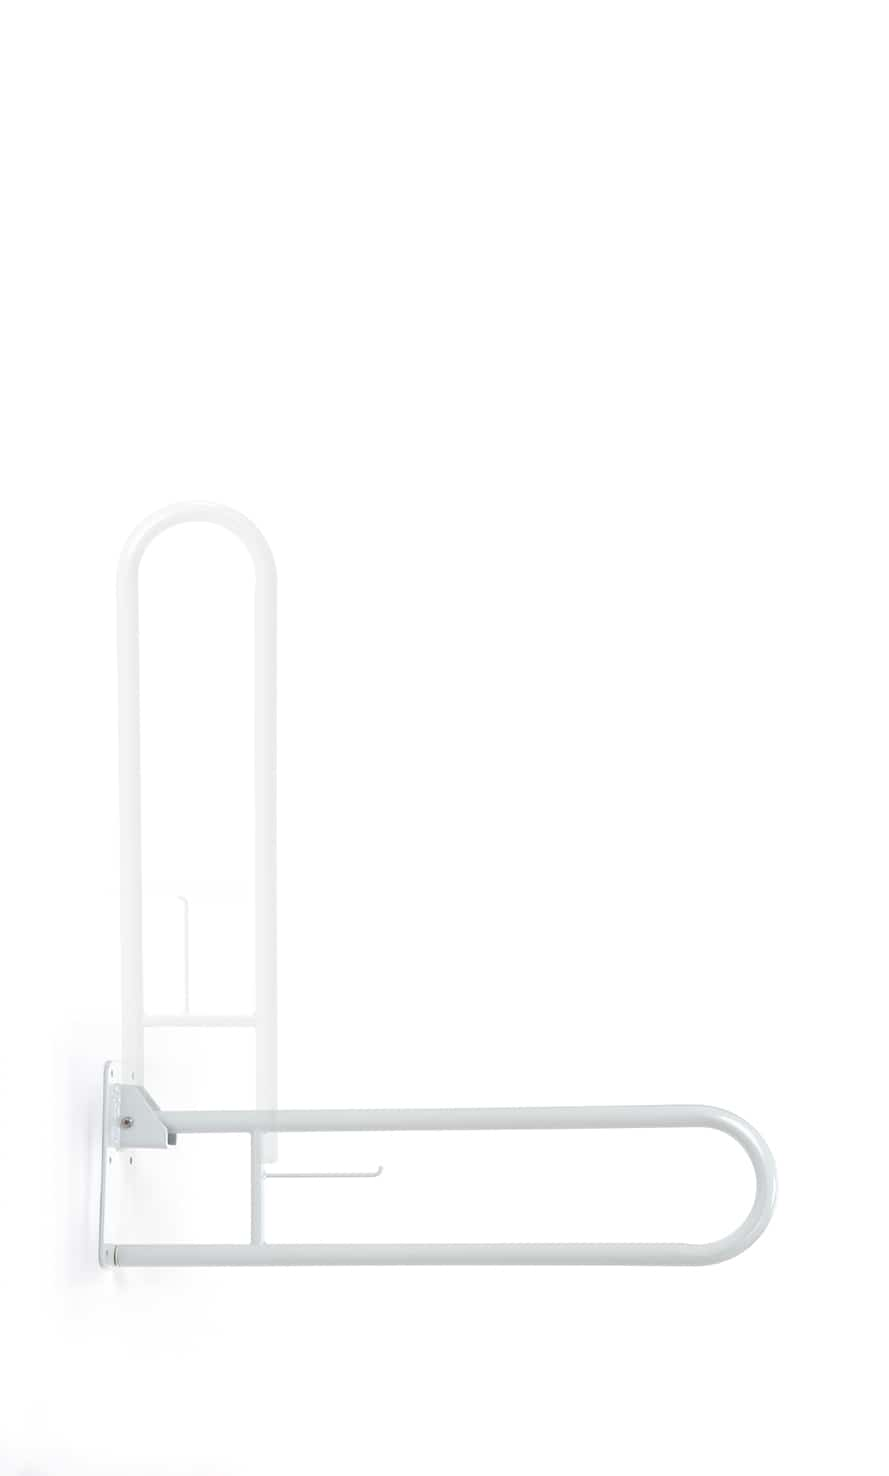 Vermeiren Opklapbare Toiletsteun Iris Badkamer Hulpmiddel